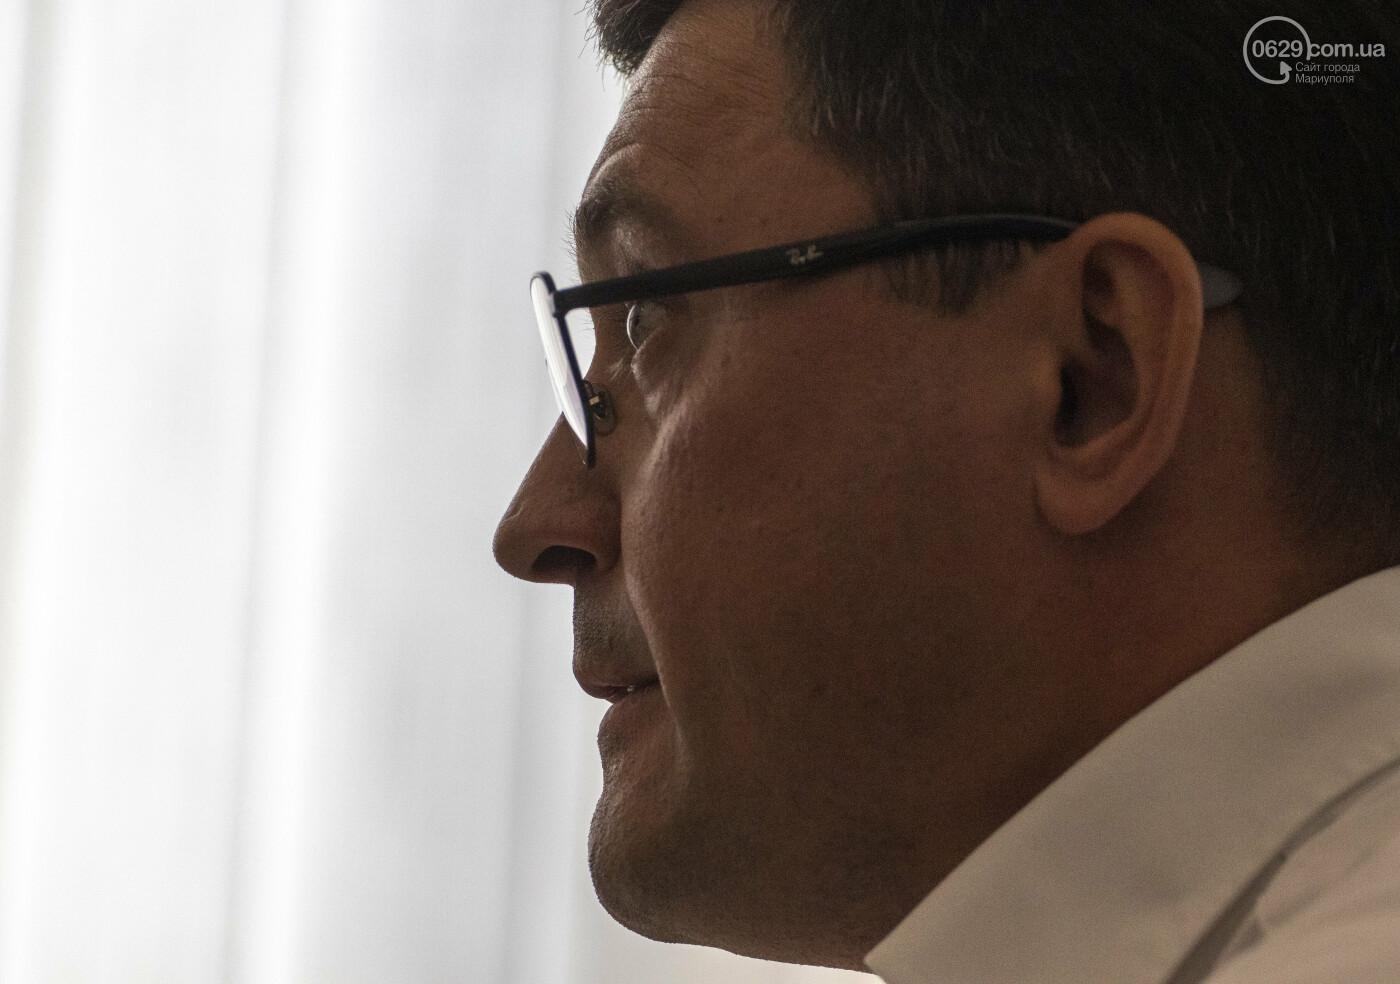 О людях-флешках, вицепремьерстве, переносе «Азовстали» и БВБ, - интервью с мэром Мариуполя Вадимом Бойченко, - ФОТО, ВИДЕО, фото-5